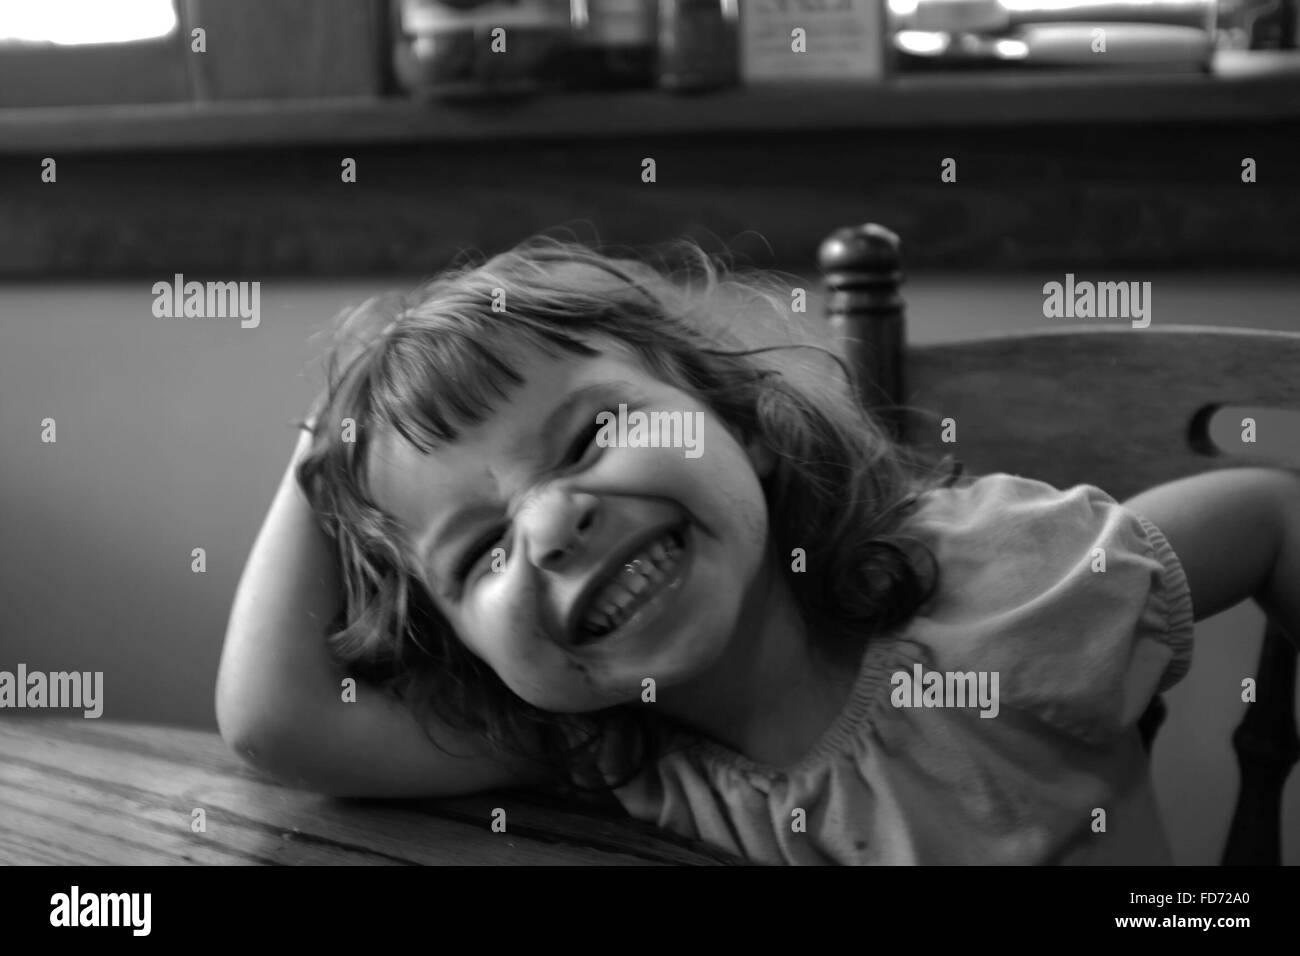 Felice ragazza rendendo la faccia mentre è seduto su una sedia Immagini Stock